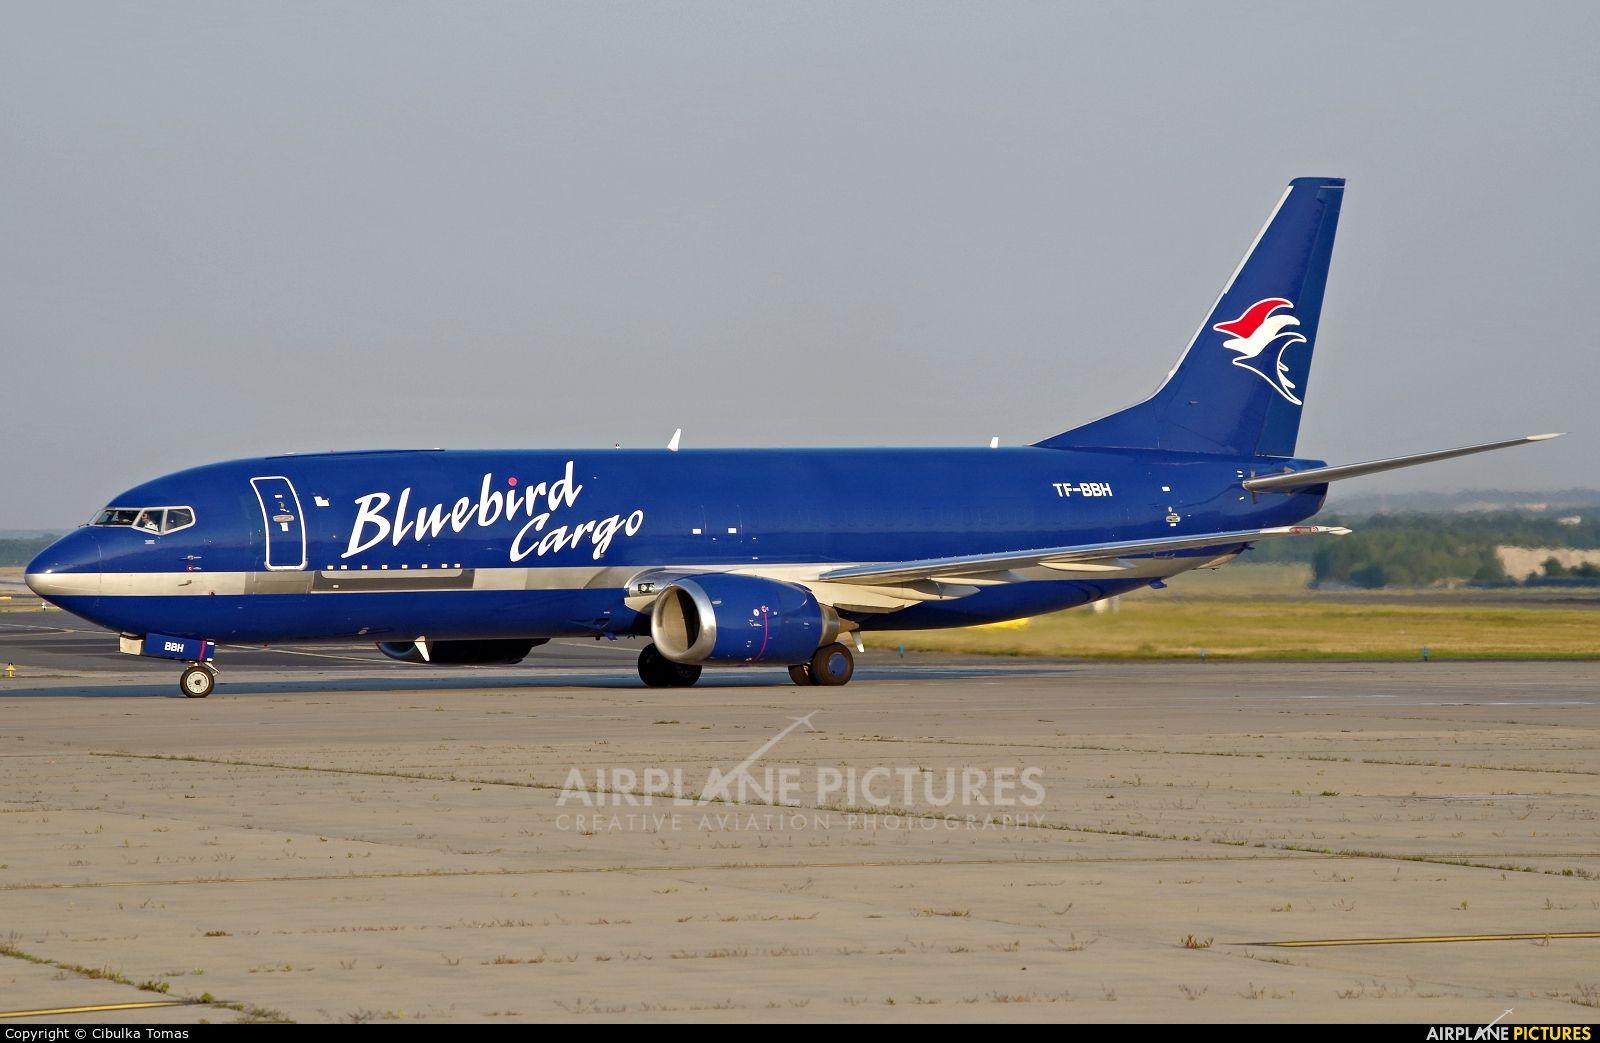 Bluebird Cargo Boeing 737400F photo by Cibulka Tomas